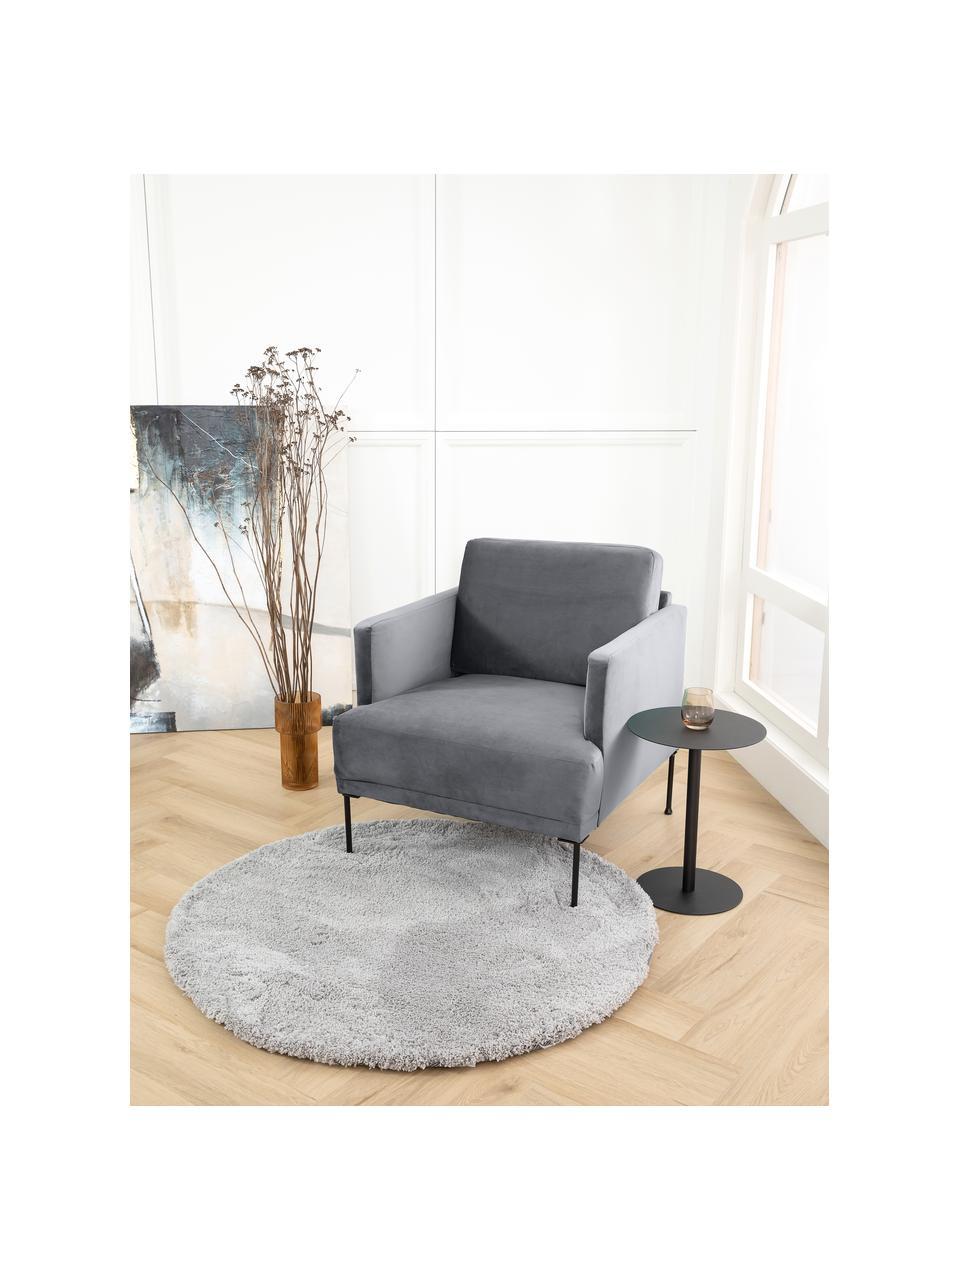 Fotel z aksamitu z metalowymi nogami Fluente, Tapicerka: aksamit (wysokiej jakości, Nogi: metal malowany proszkowo, Aksamitny szarobrązowy, S 74 x G 85 cm